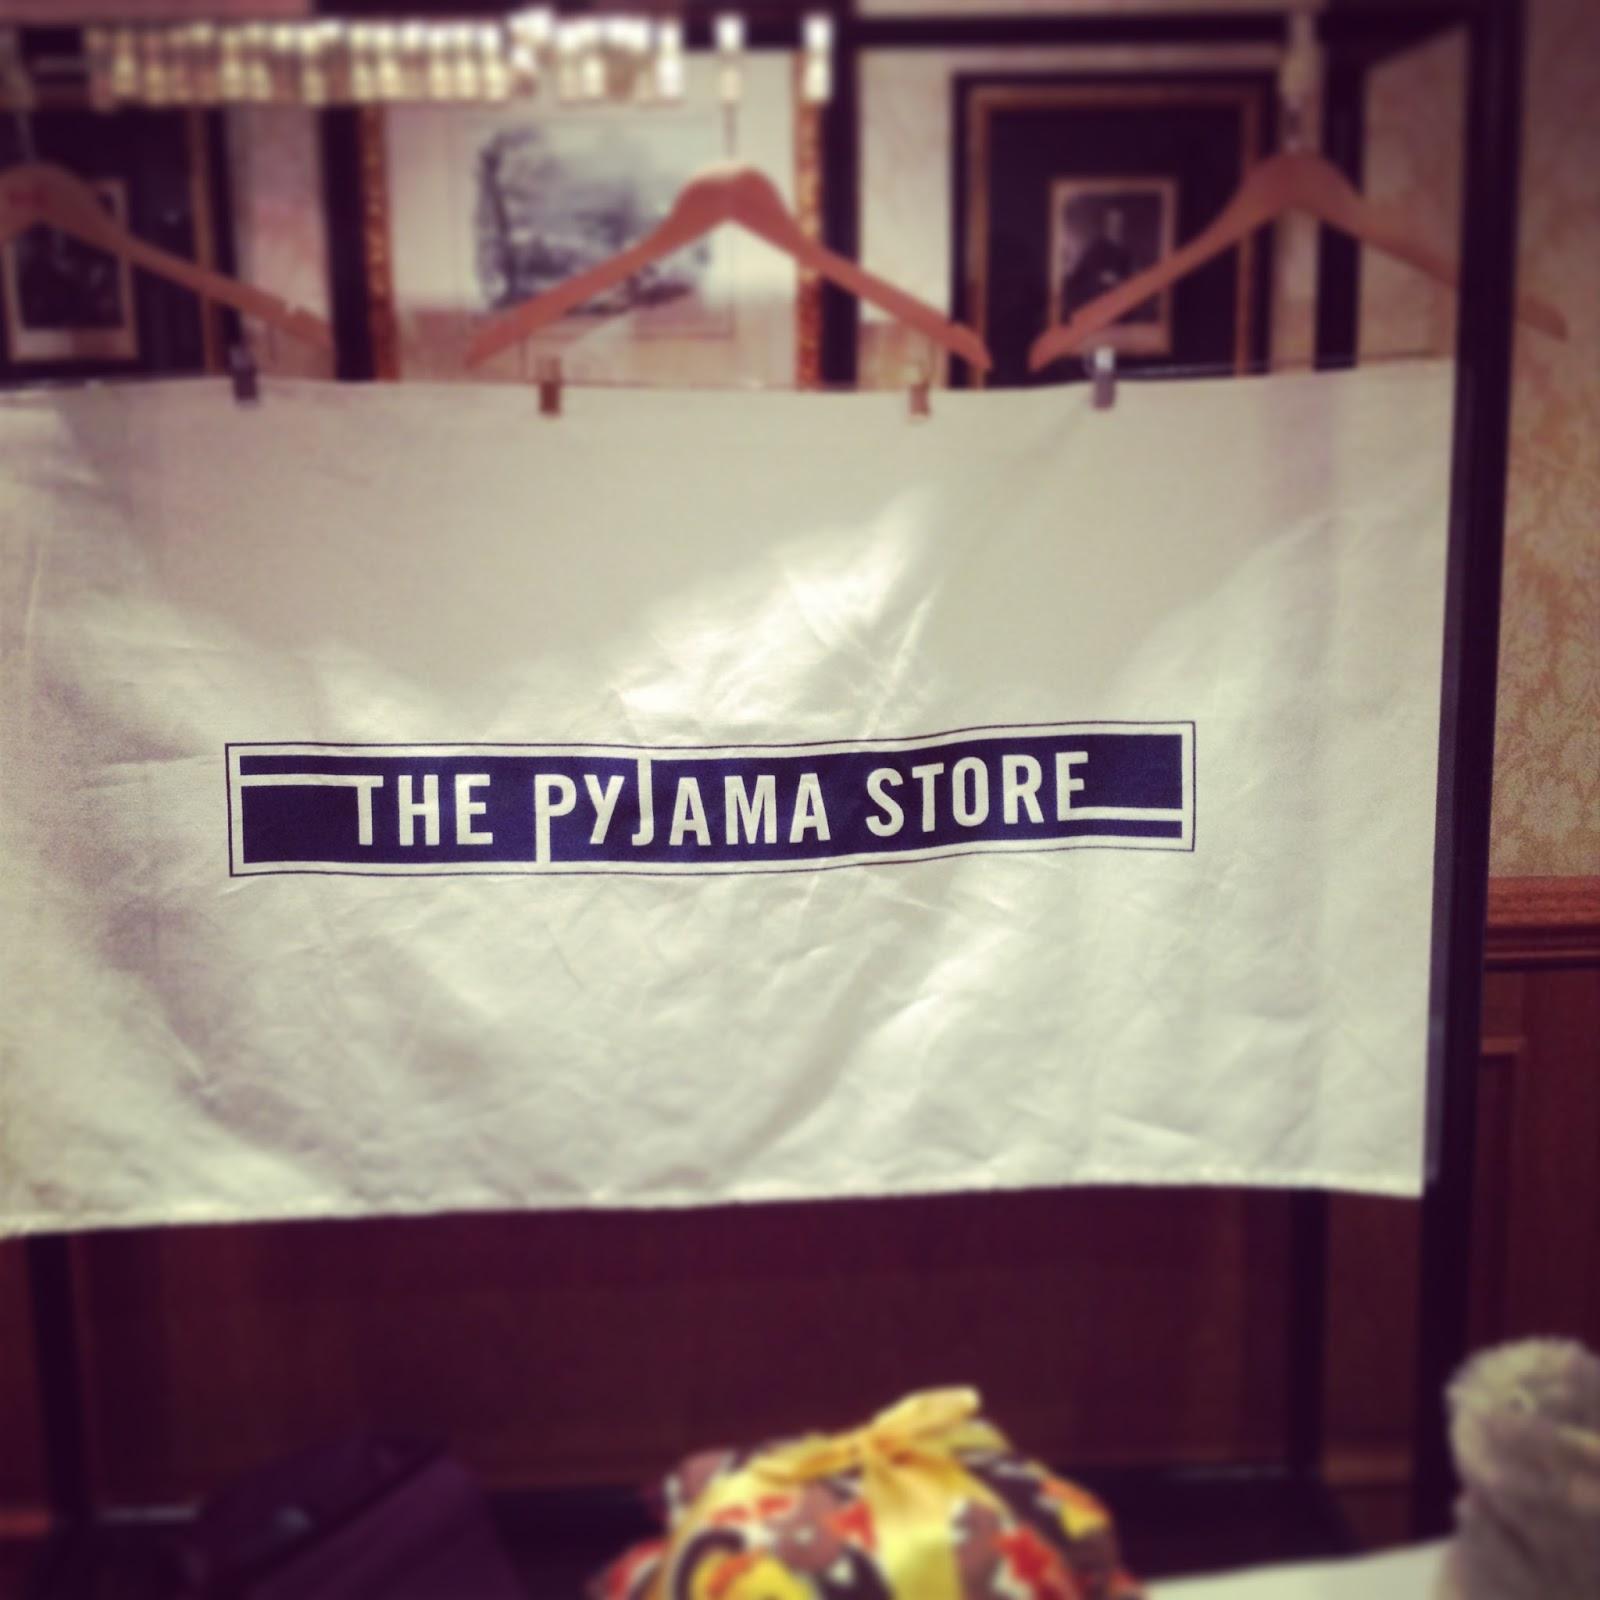 THE_PYJAMA_STORE_EVENT